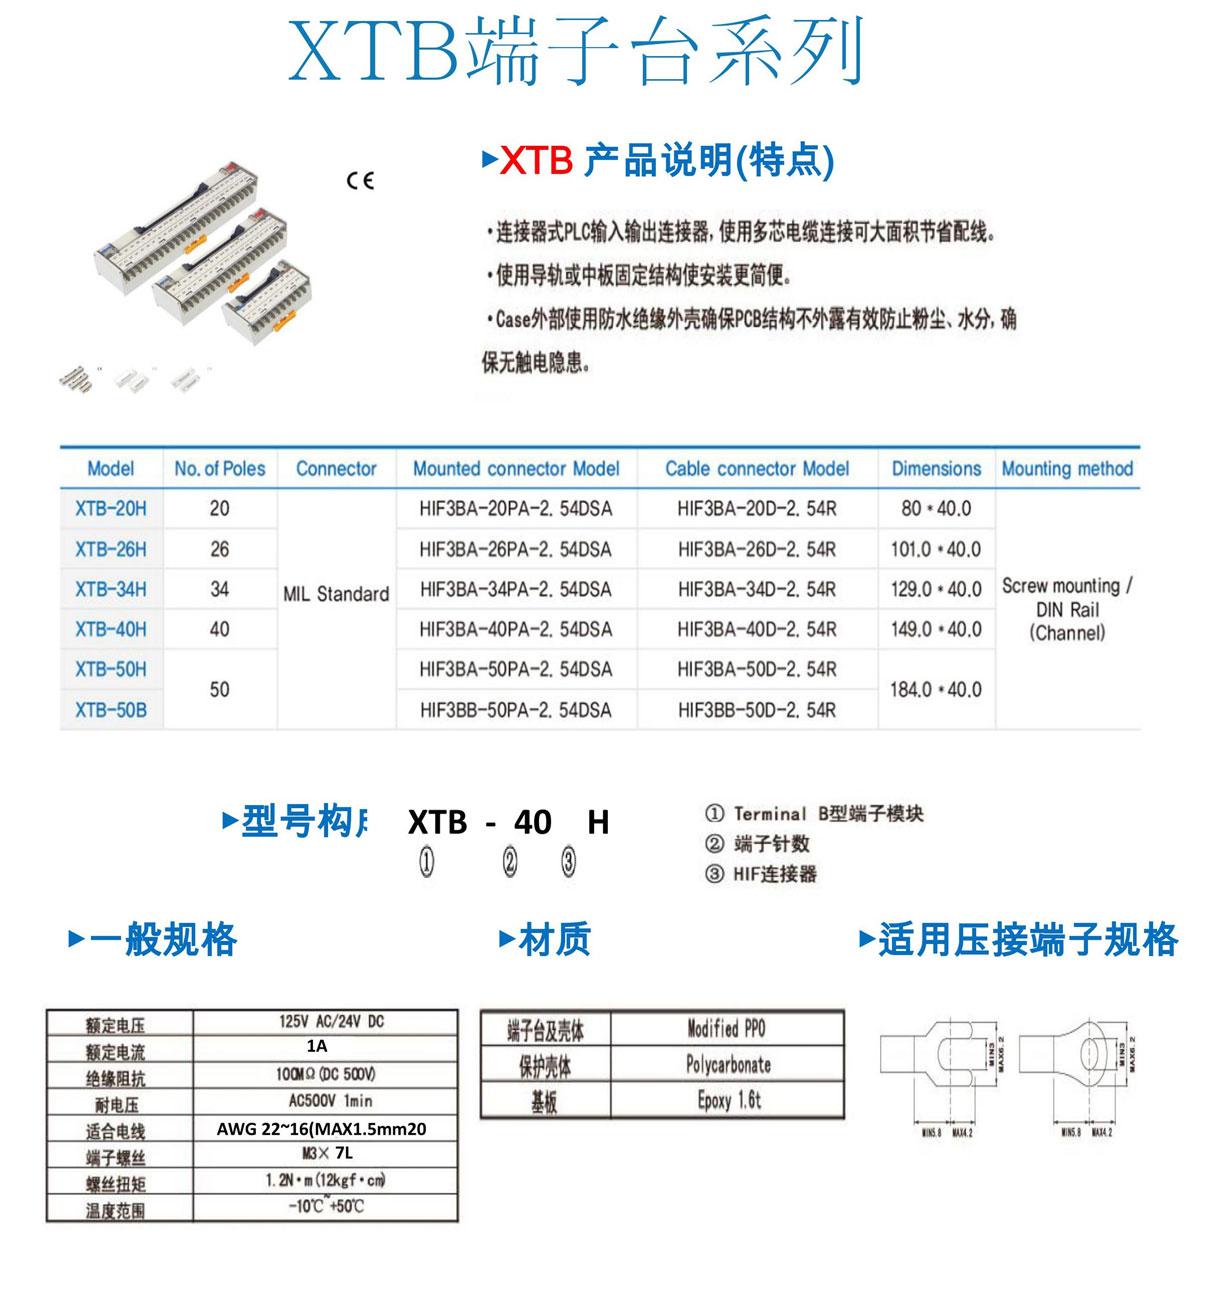 韩国进口端子台以及继电器模块、PLC输入输出电缆、终端继电器单元